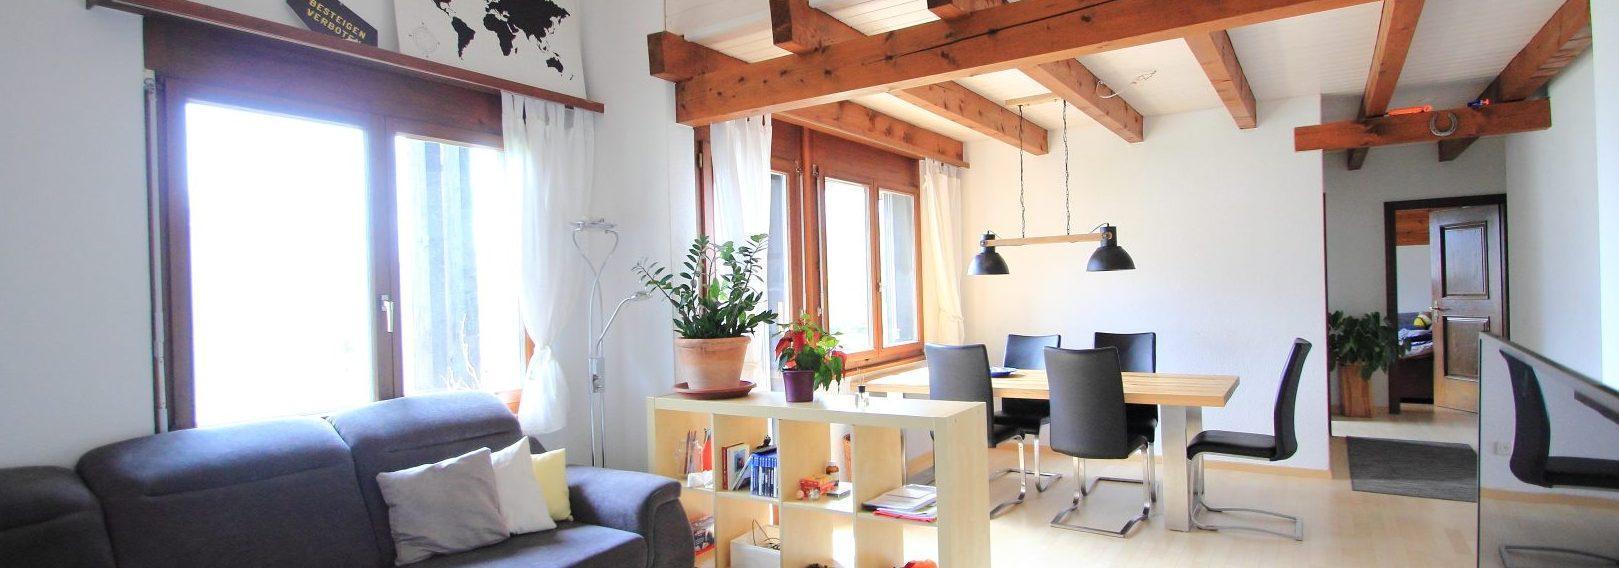 Preiswerte 5,5 Zimmerwohnung mit Potenzial | Ruhige Lage | Triesen